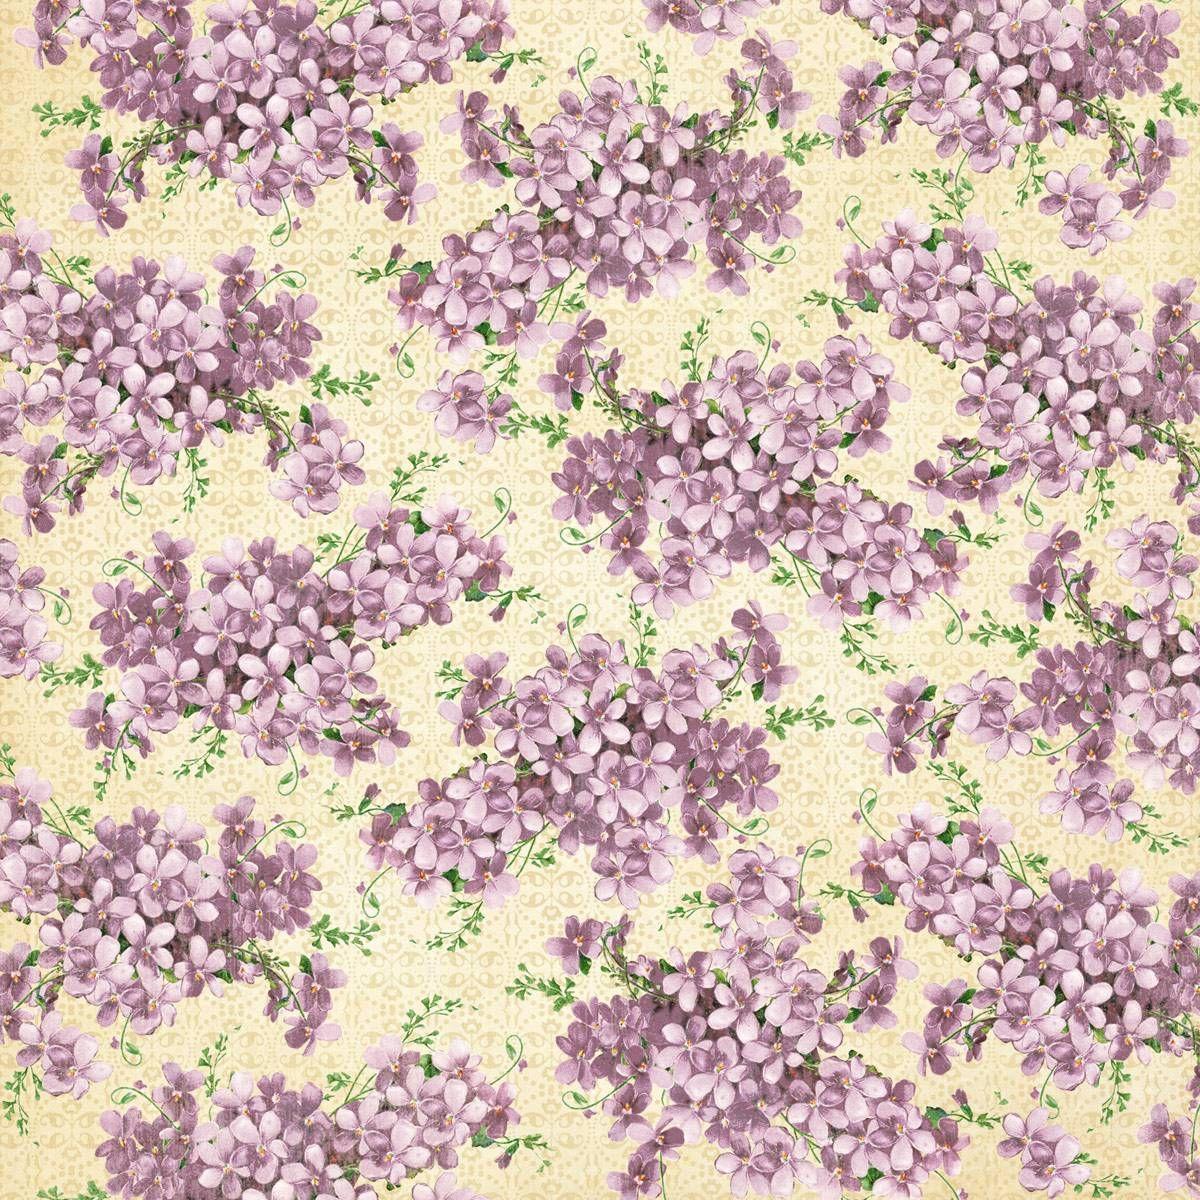 Graphic 45 Sweet Sentiments 12 x 12 Paper Violet Bouquet 2 Sheets   eBay